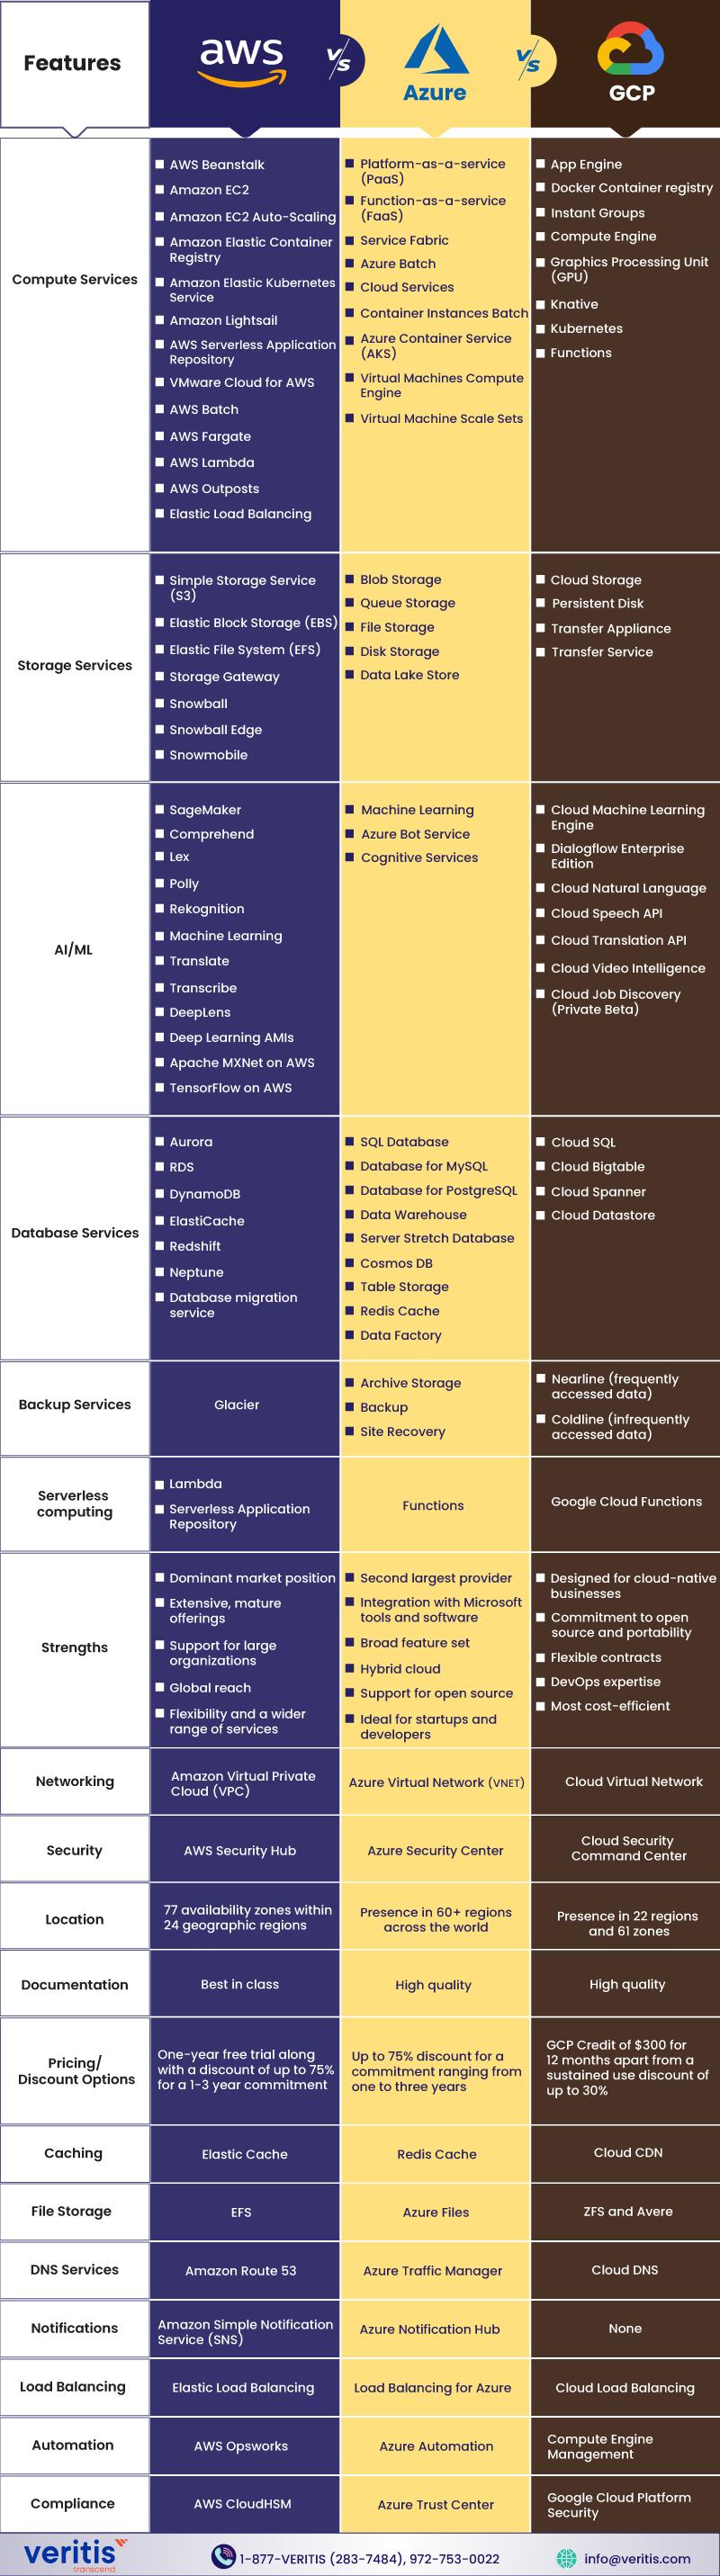 Infographic: AWS vs Azure vs Google - Cloud Platforms Comparison